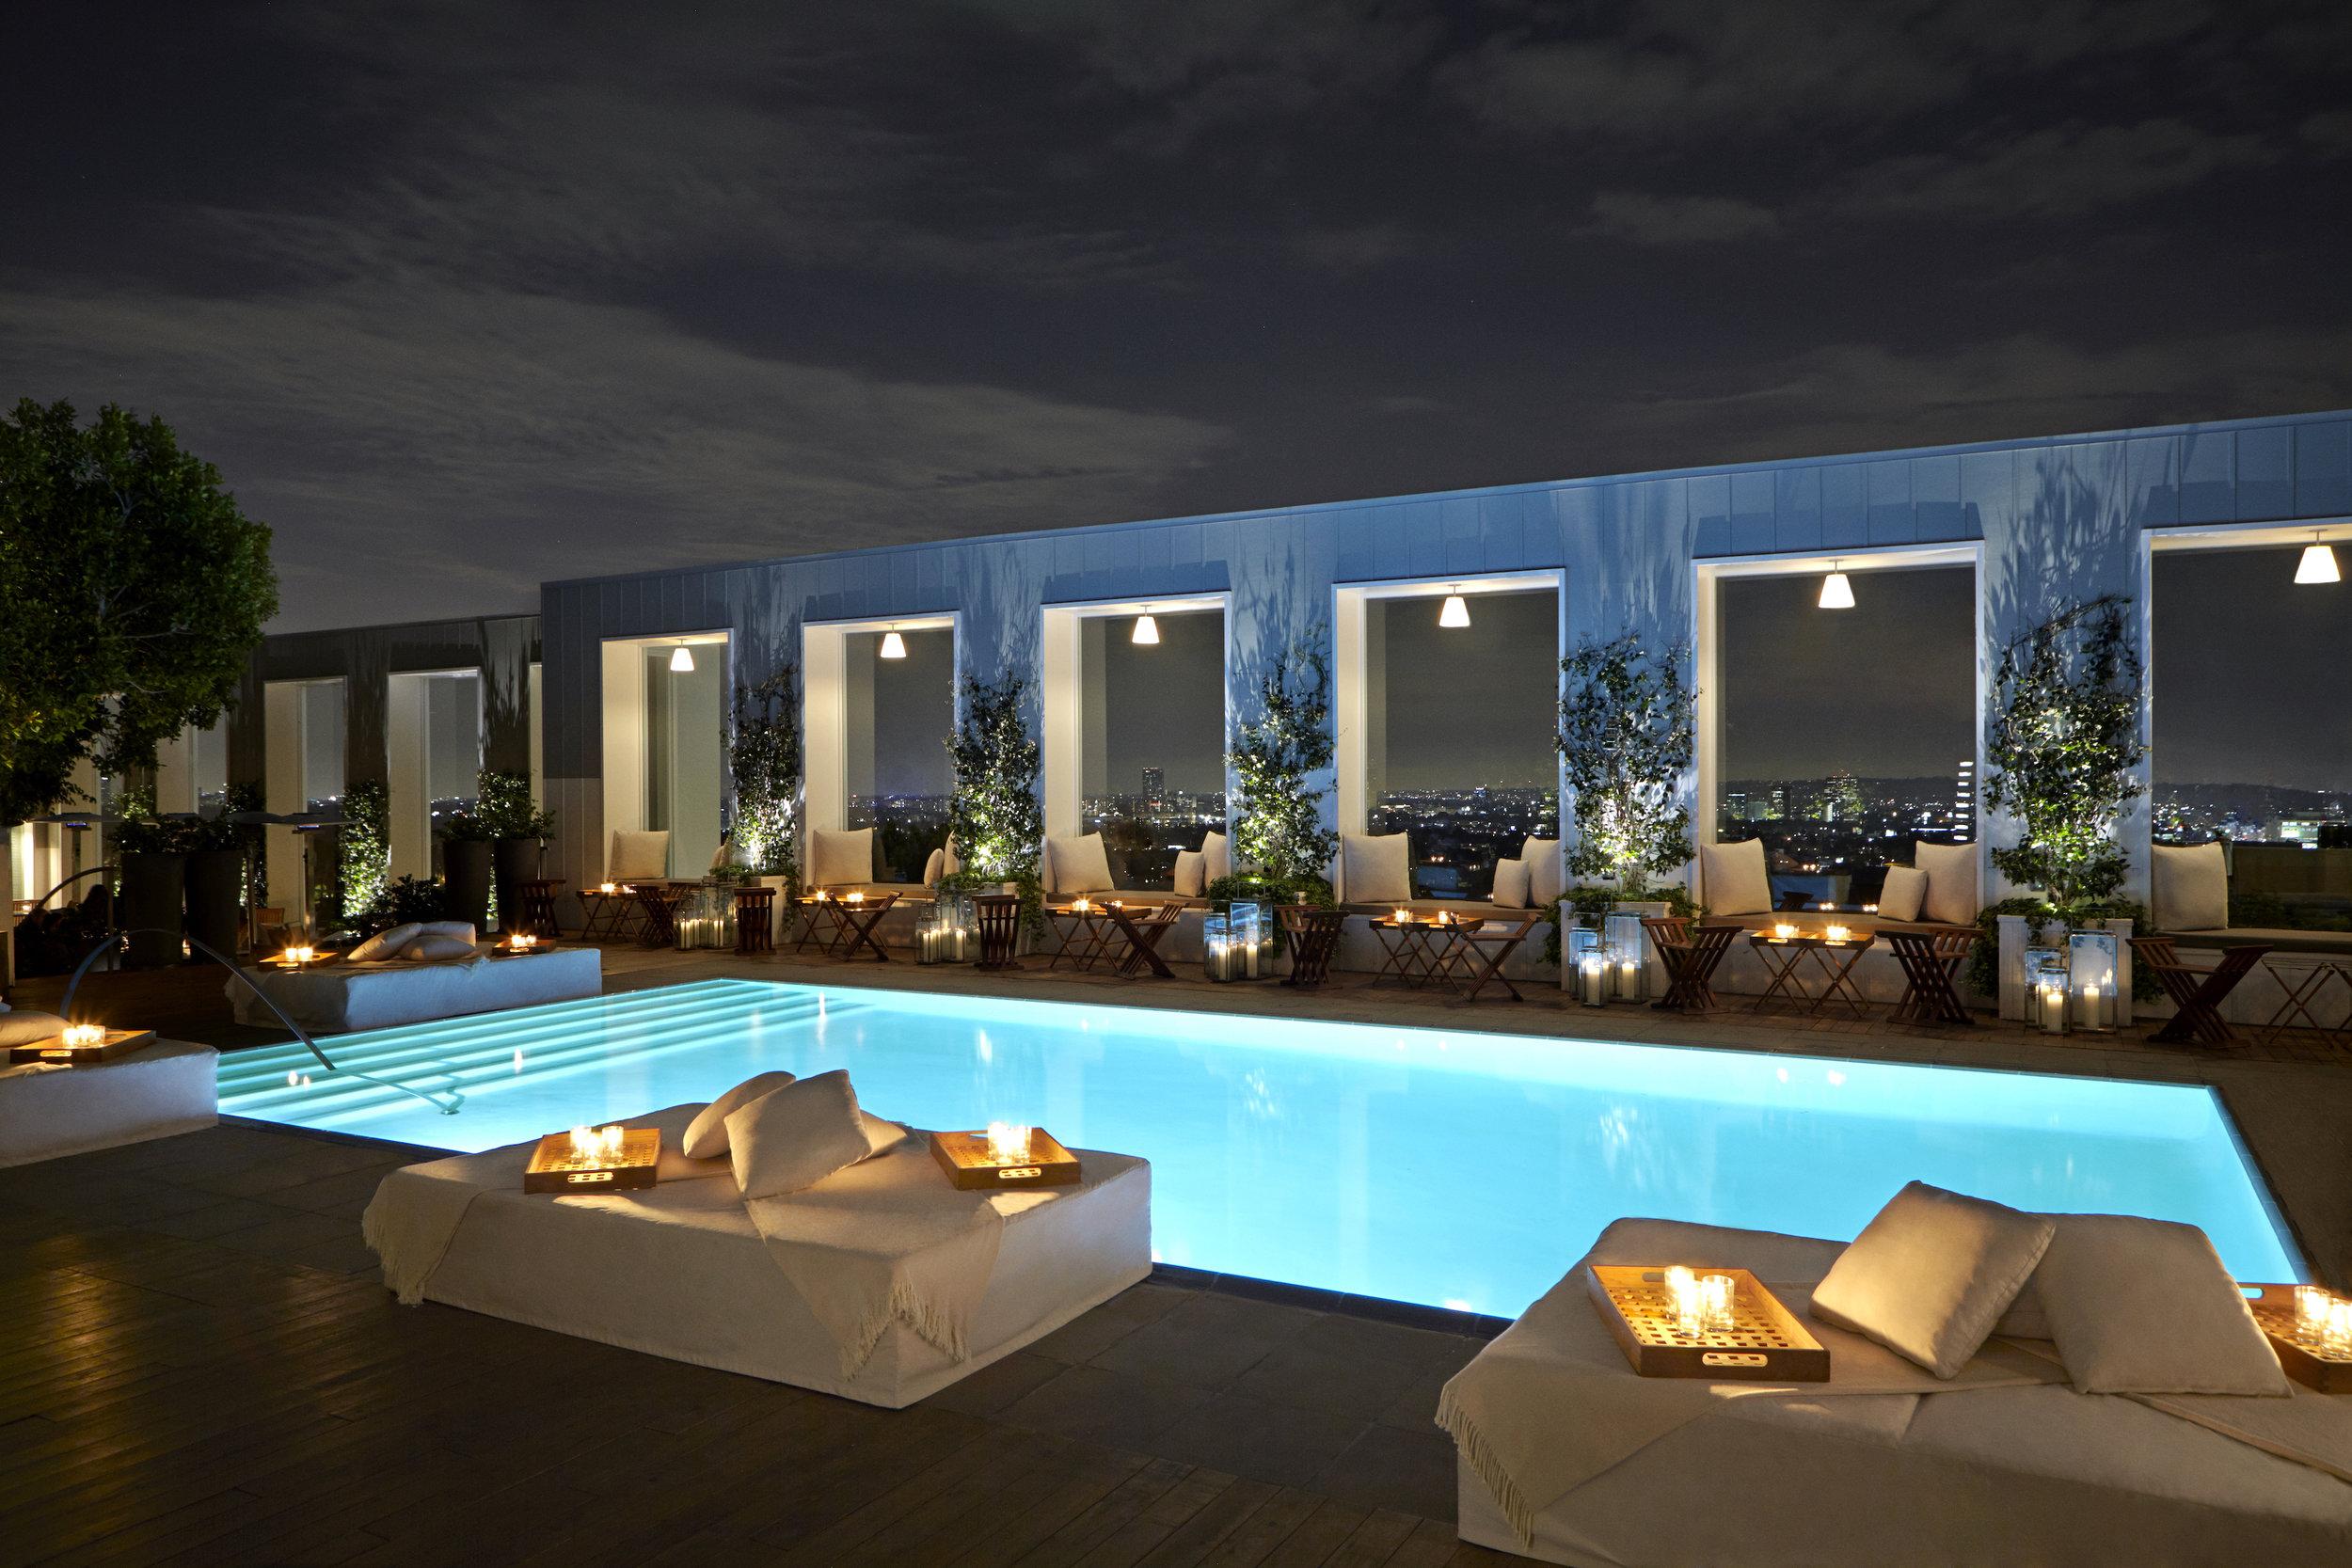 Hotel Mondrian Los Angeles